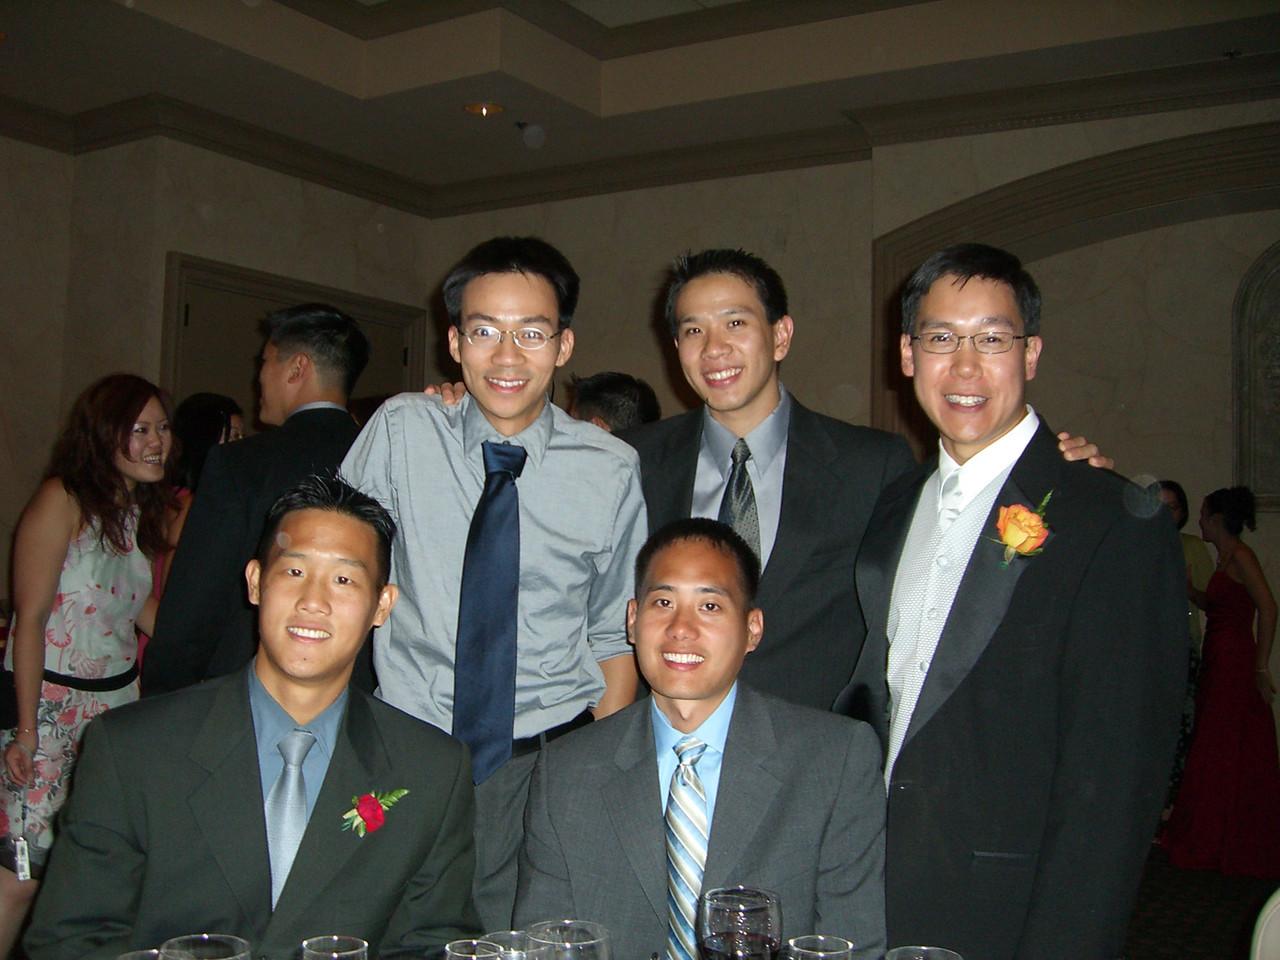 Five Maryland Guys o' '99